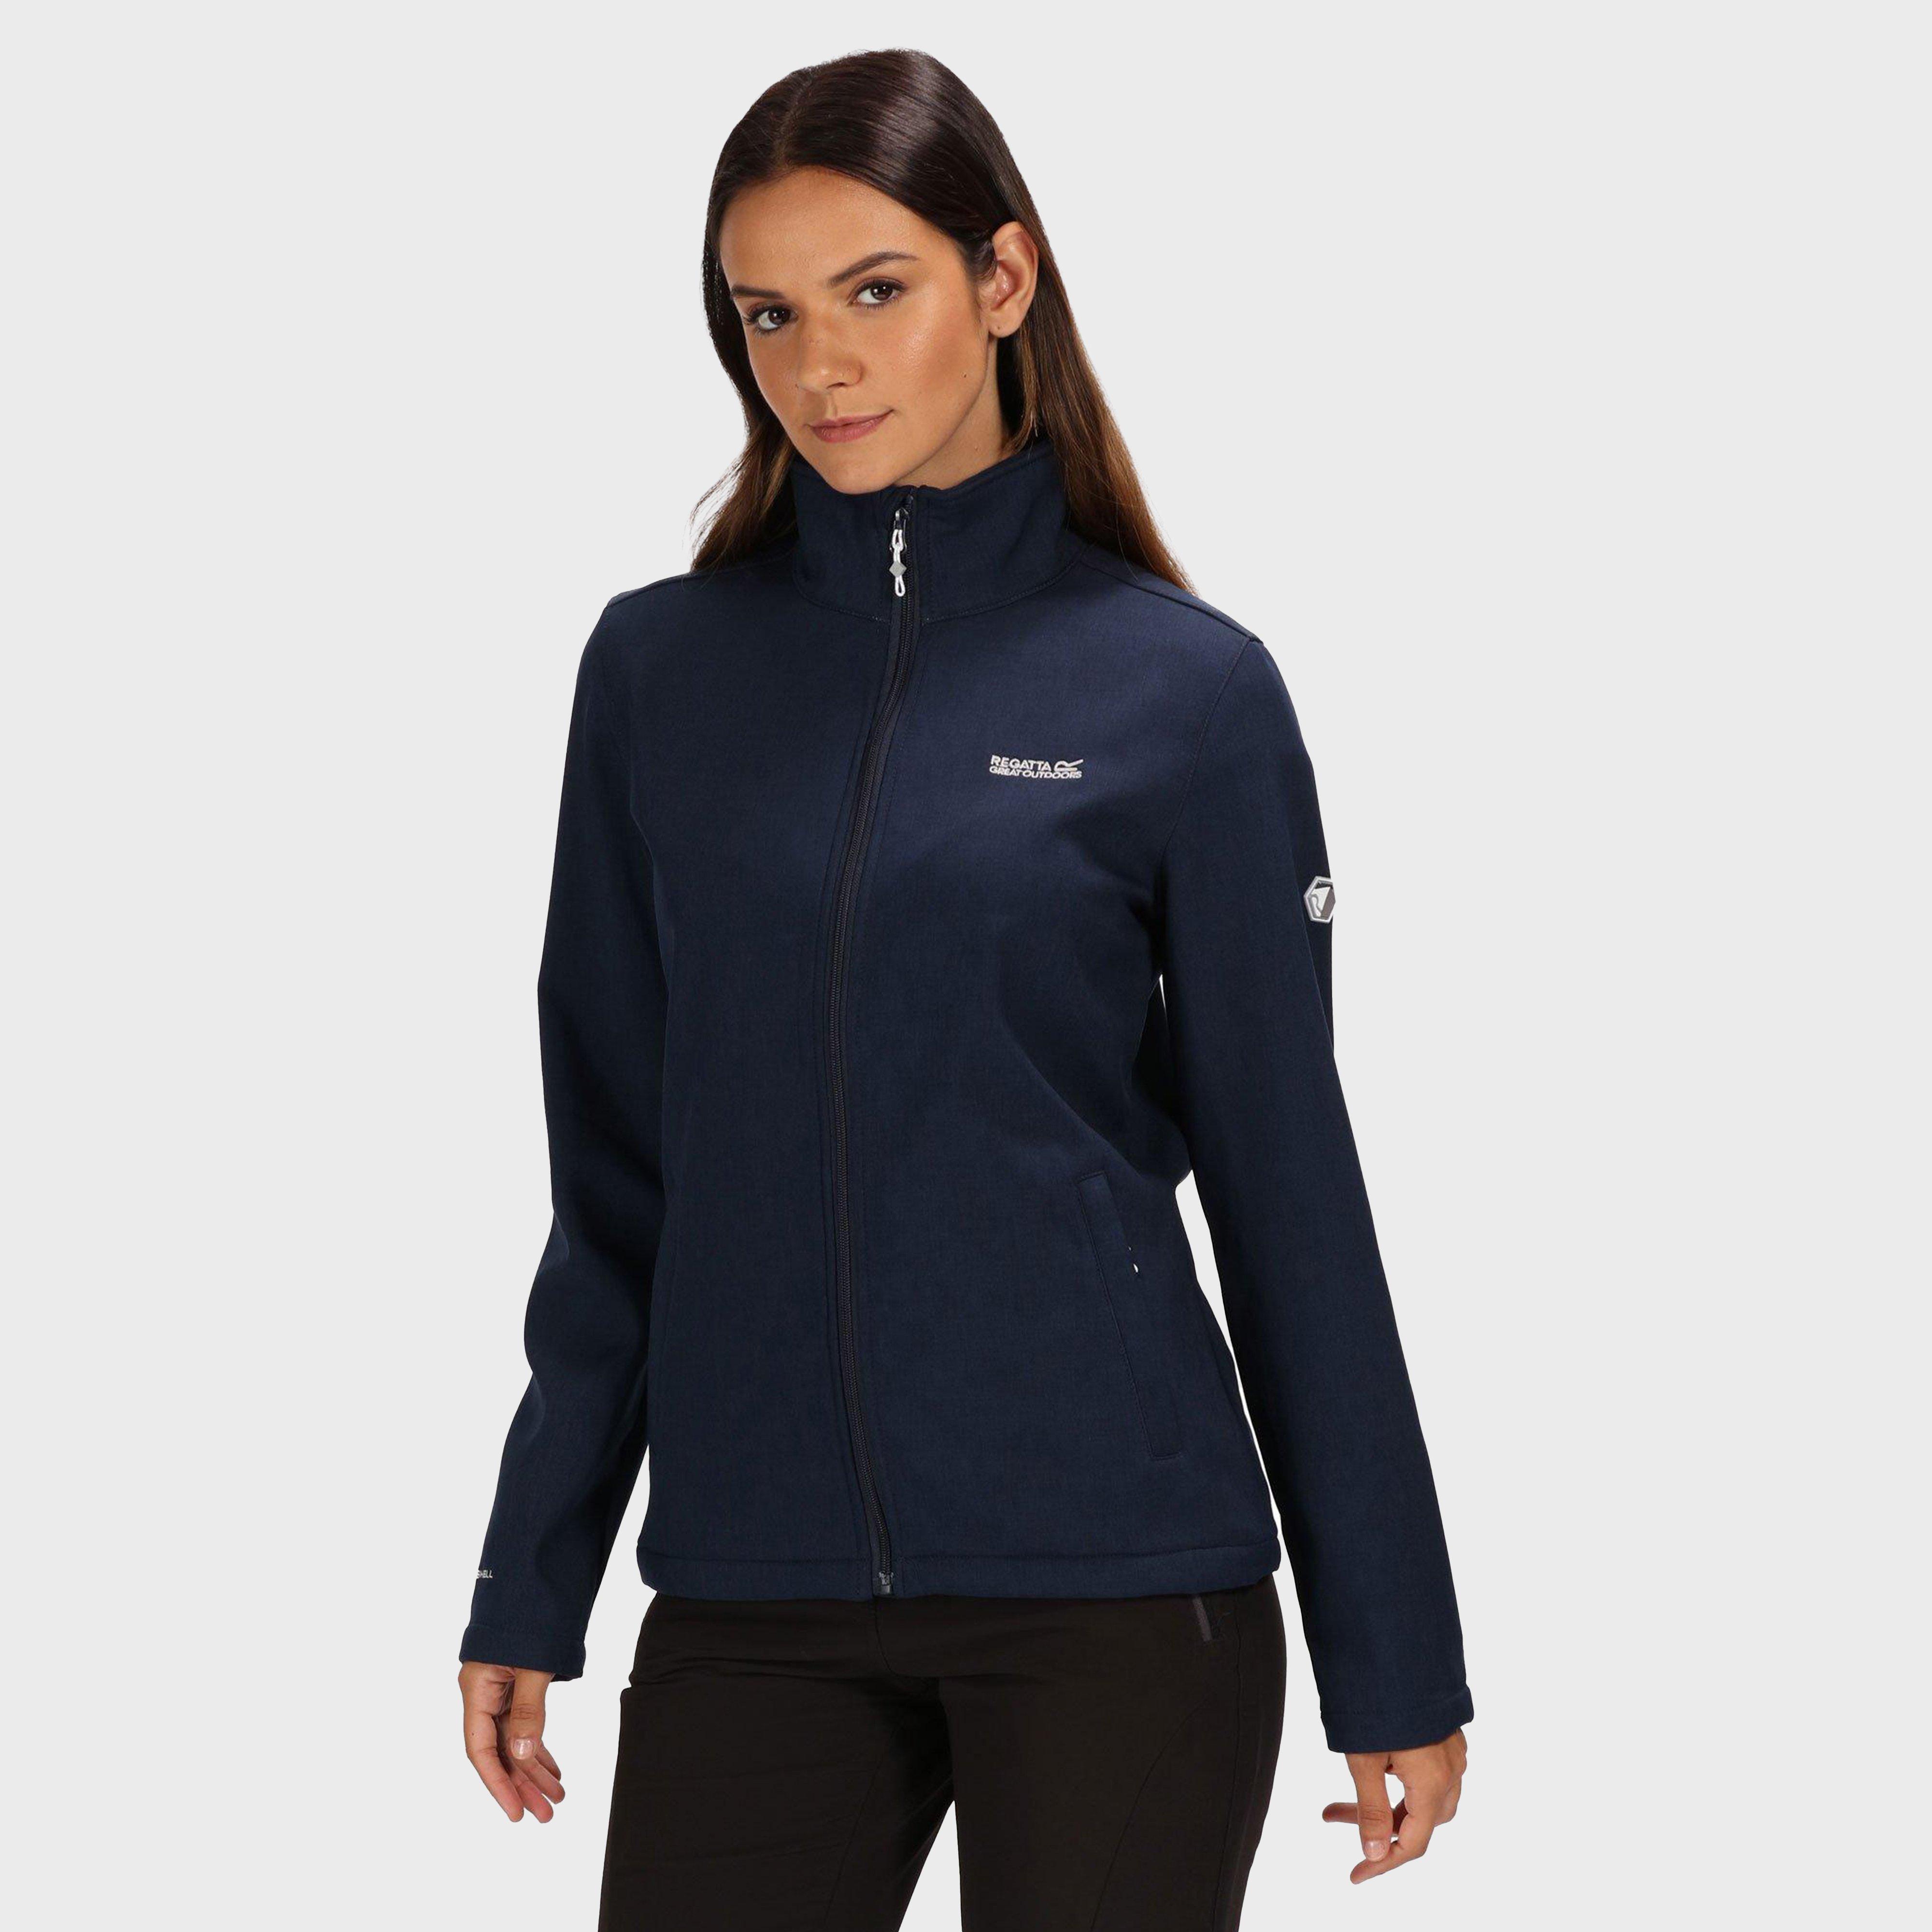 Regatta Regatta Womens Carby Softshell Jacket - Navy, Navy